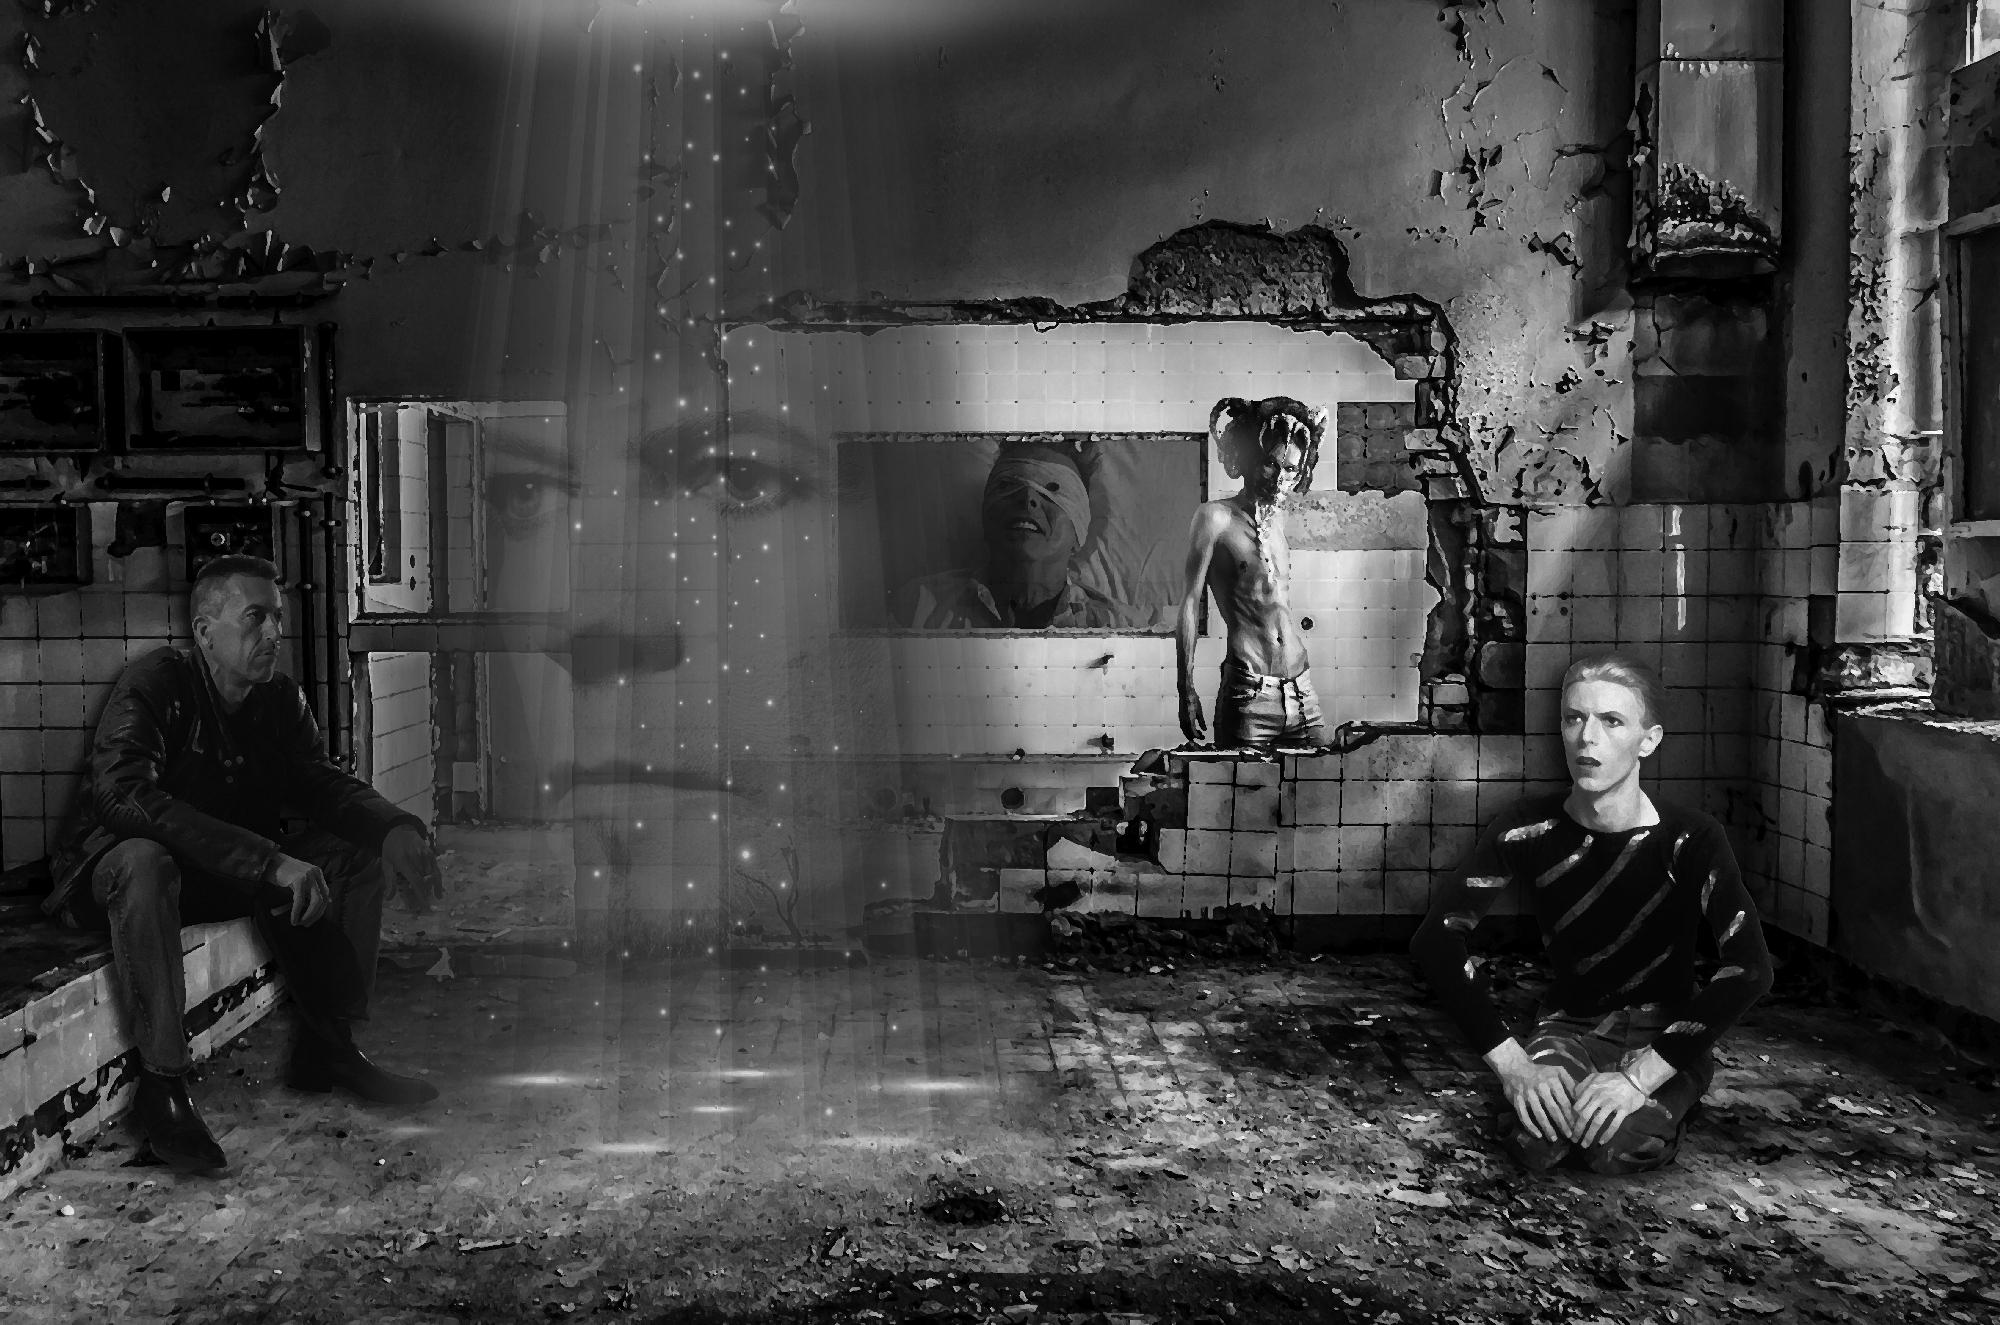 David Bowie Art Creation by Steve Stachini - TBC Six T8 80cm x 53cm